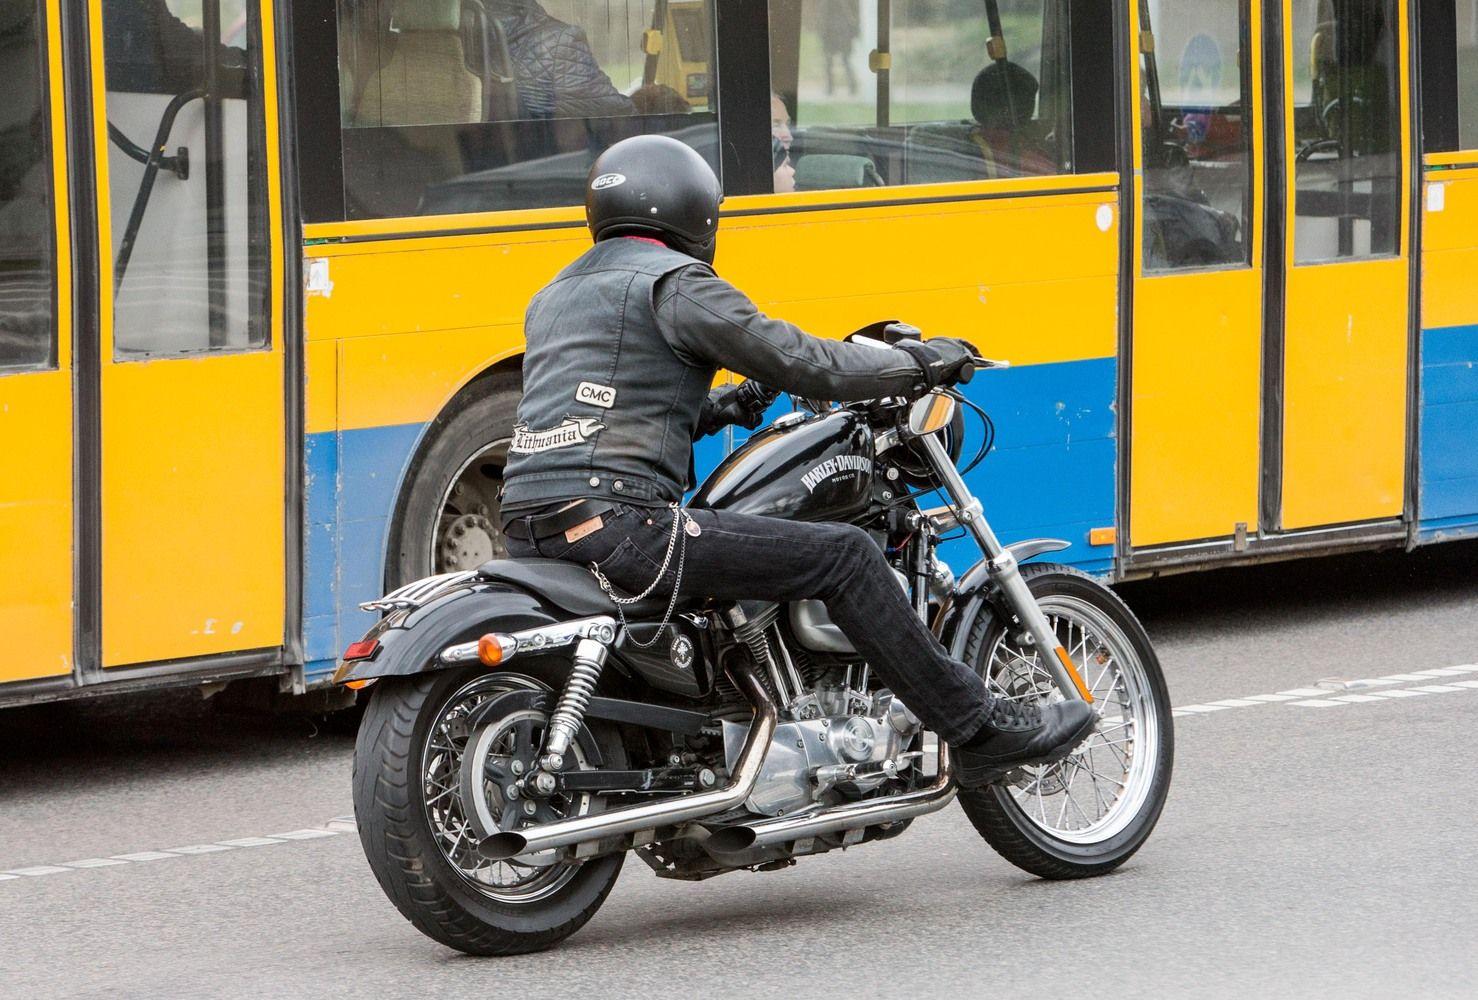 Motociklininkai nuo automobilių nukenčia keturis kartus dažniau